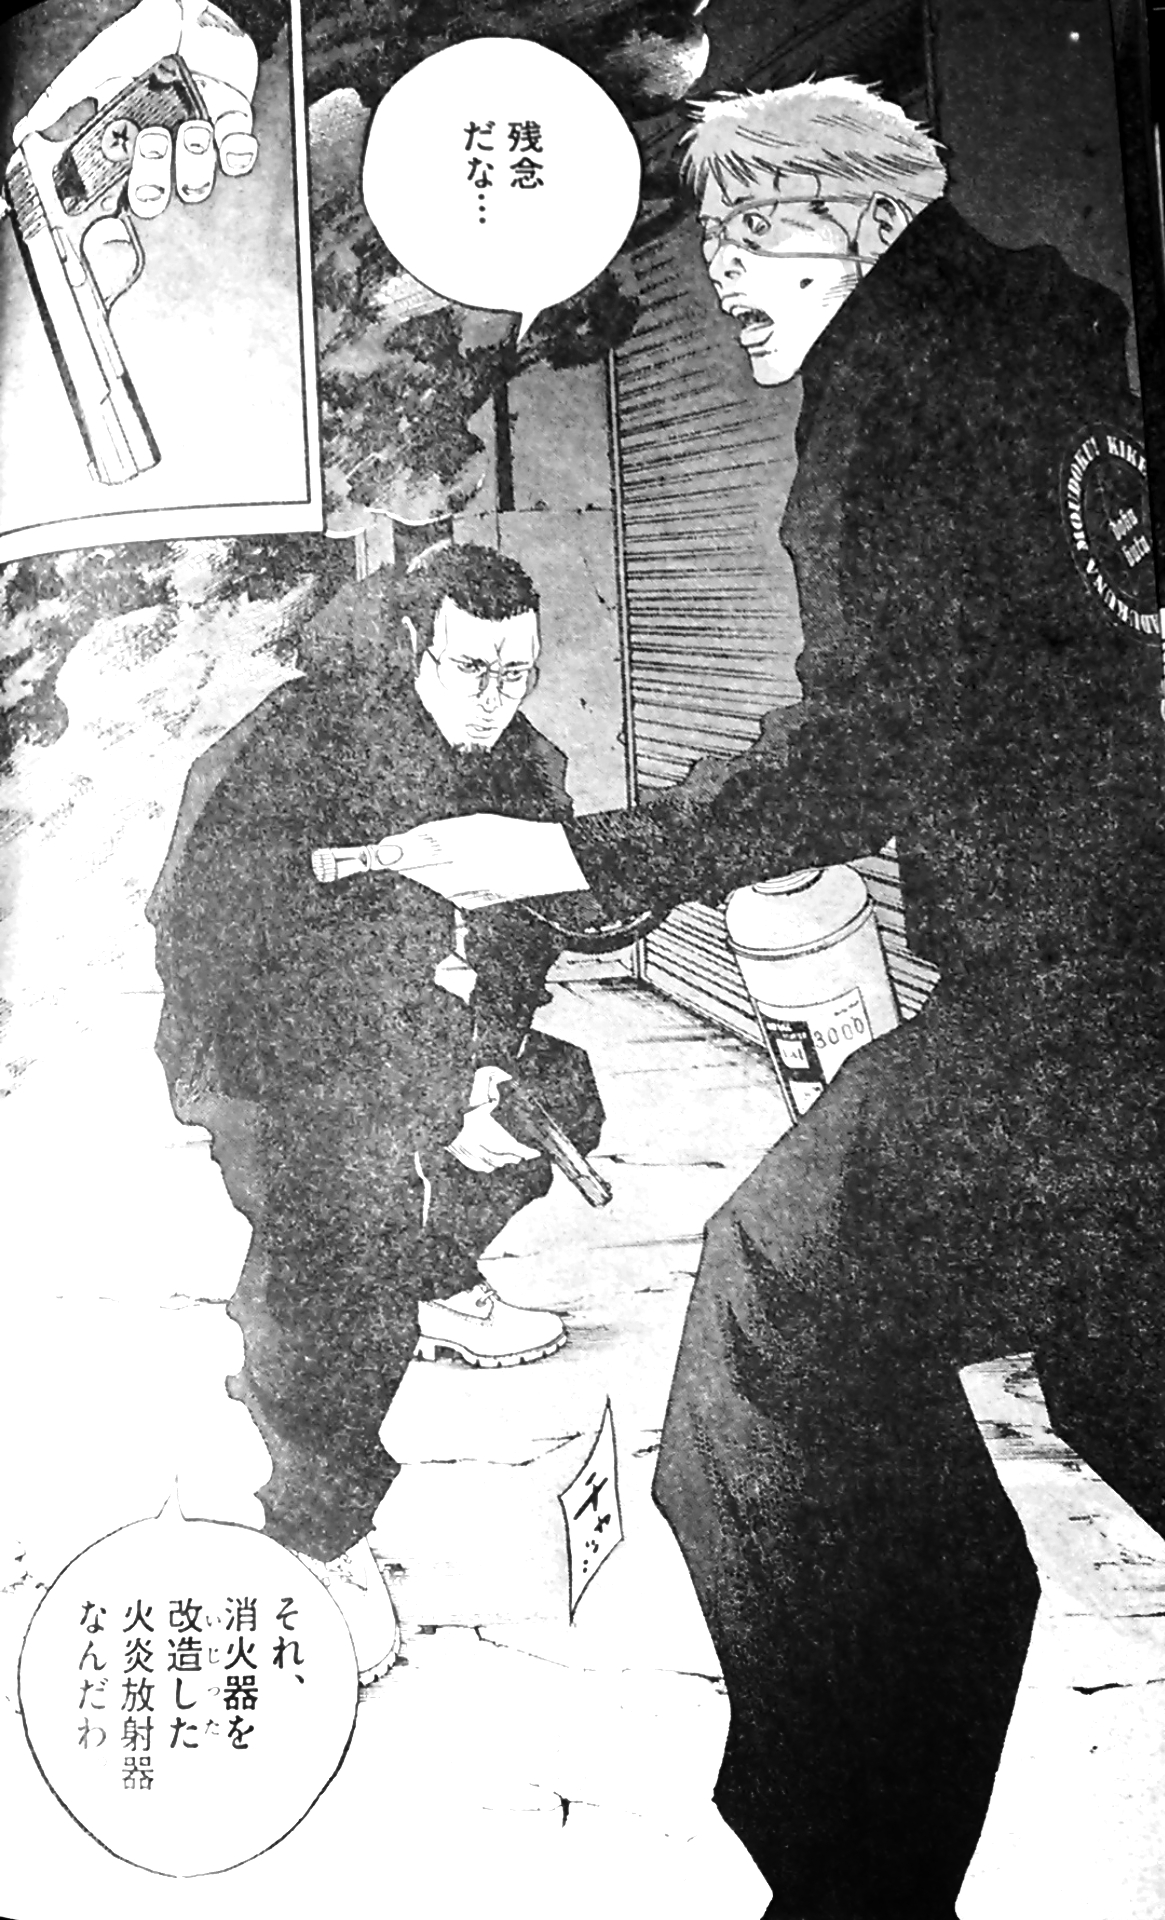 ウシジマくん。飯匙倩と熊倉若頭を射殺しパワー系池沼の肉蝮との最強決定戦を行う